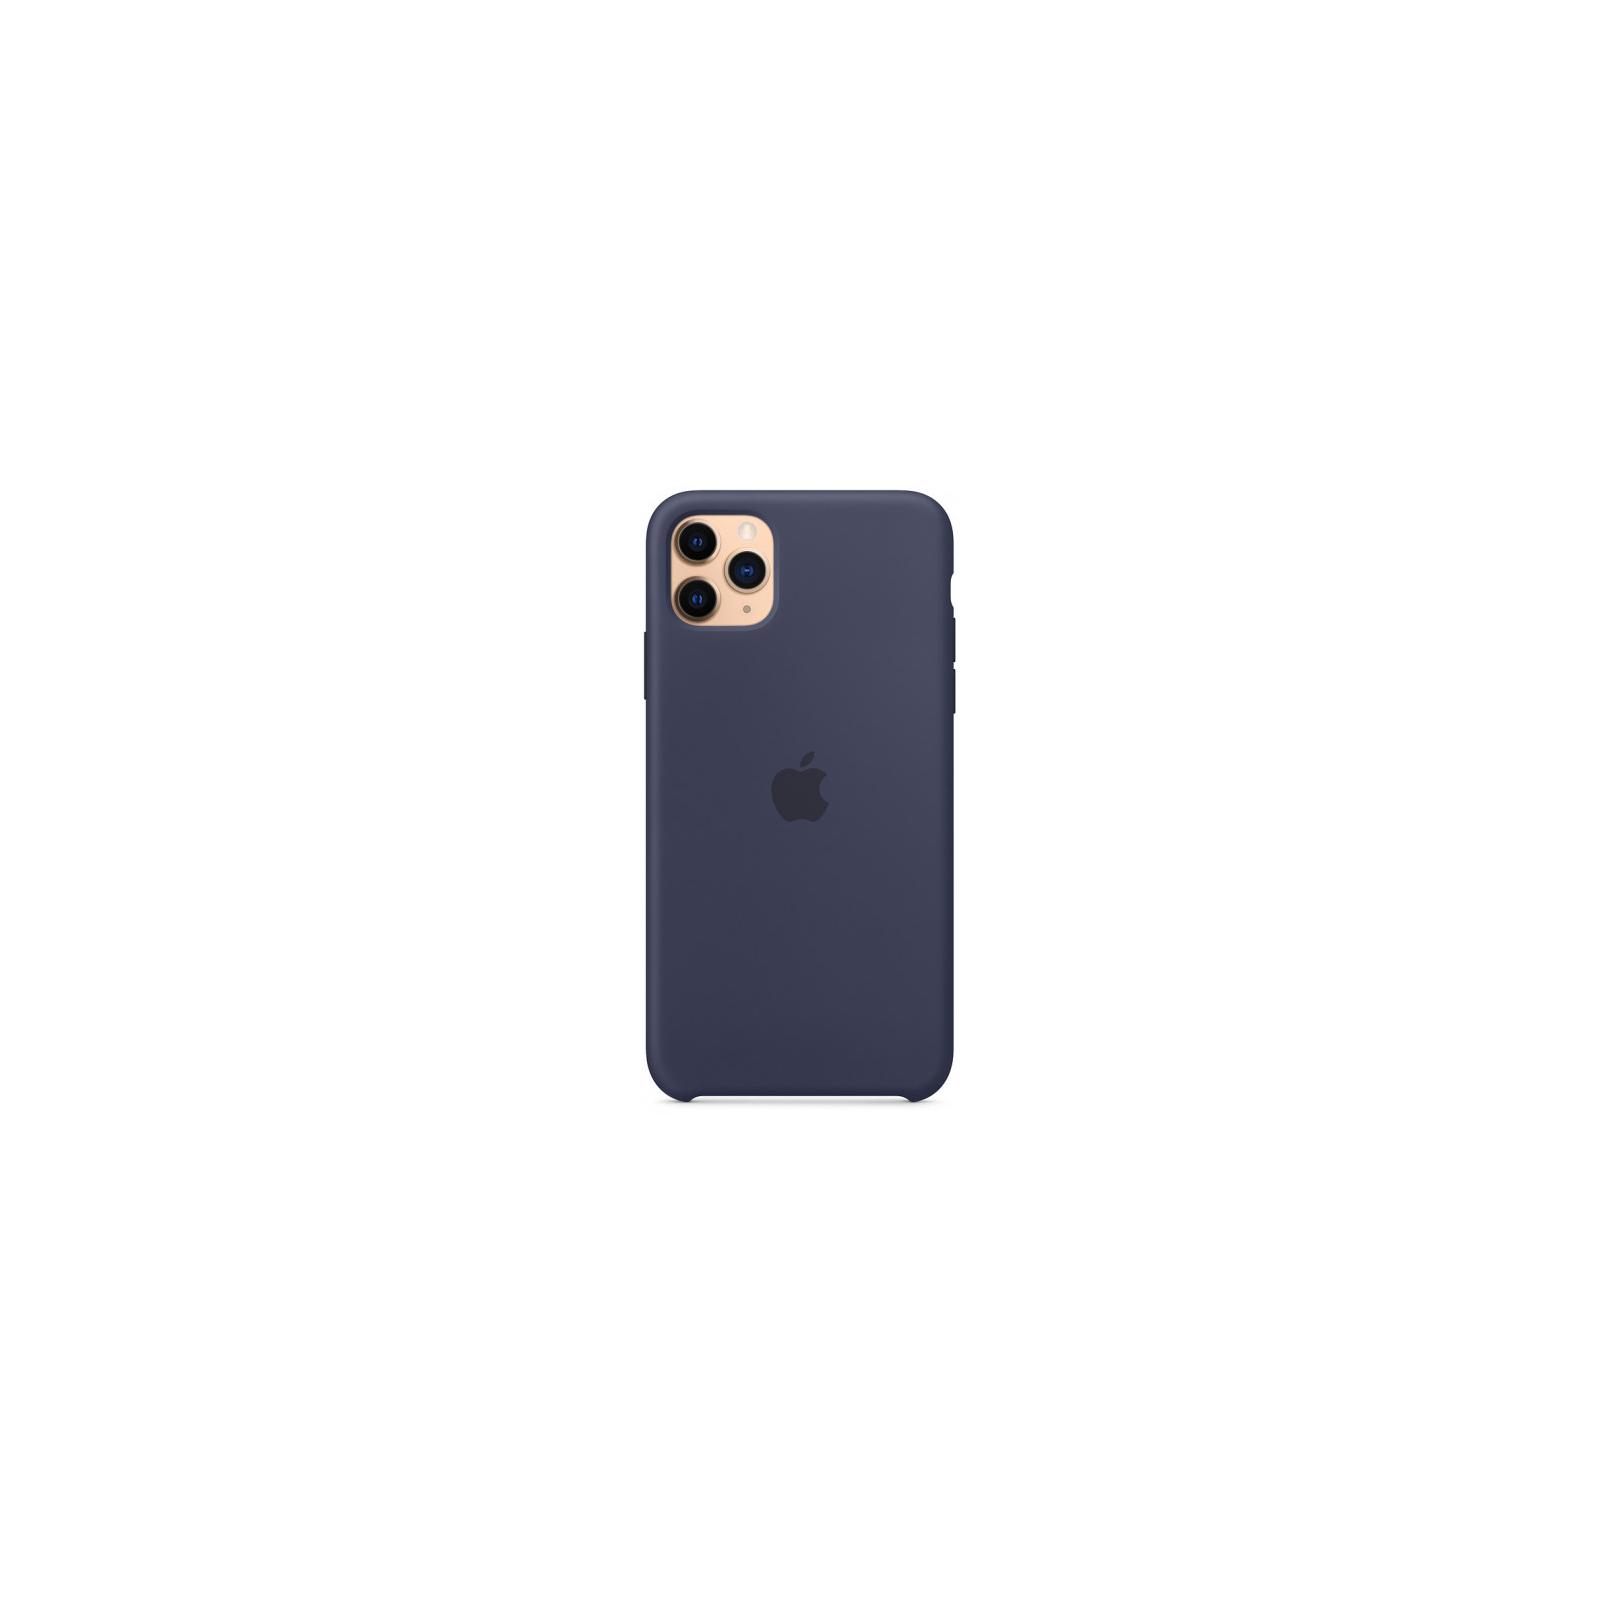 Чехол для моб. телефона Apple iPhone 11 Pro Max Silicone Case - Midnight Blue (MWYW2ZM/A) изображение 4